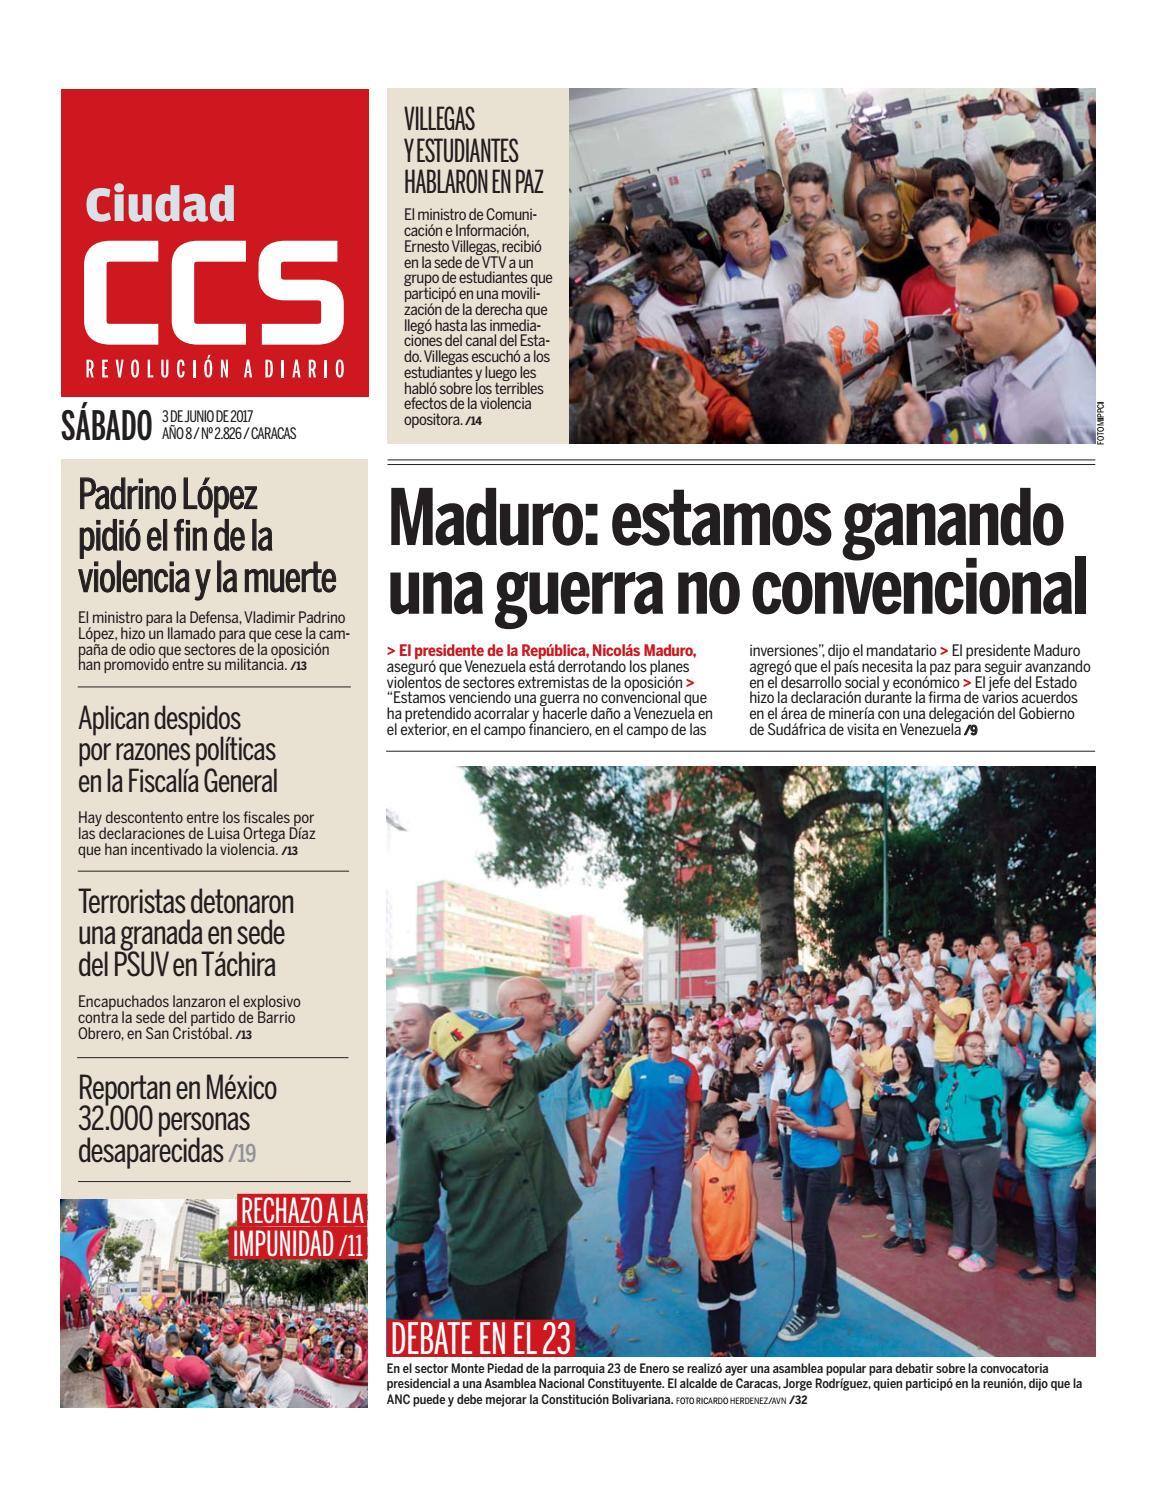 Procuro Nda Maduro Em Altamira-9241